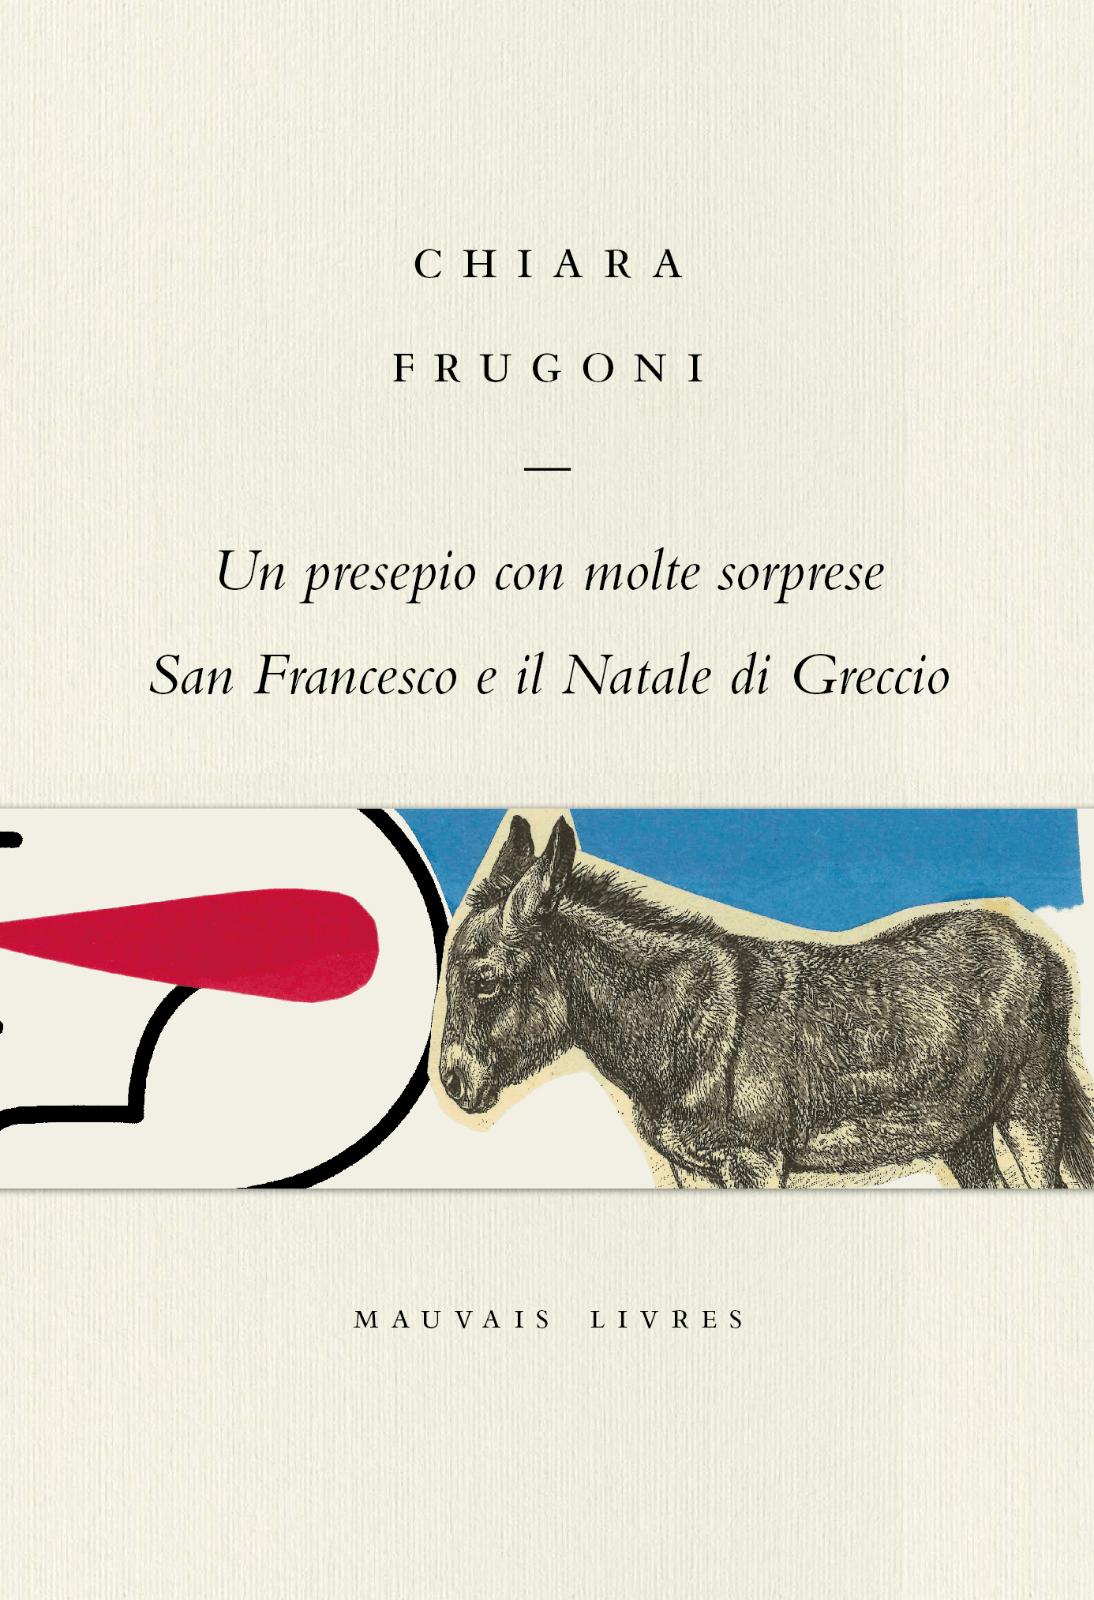 """Volete un vero libro sul Natale? C'è """"Un presepio con molte sorprese"""" di Chiara Frugoni (Mauvais Livres, 2020)"""